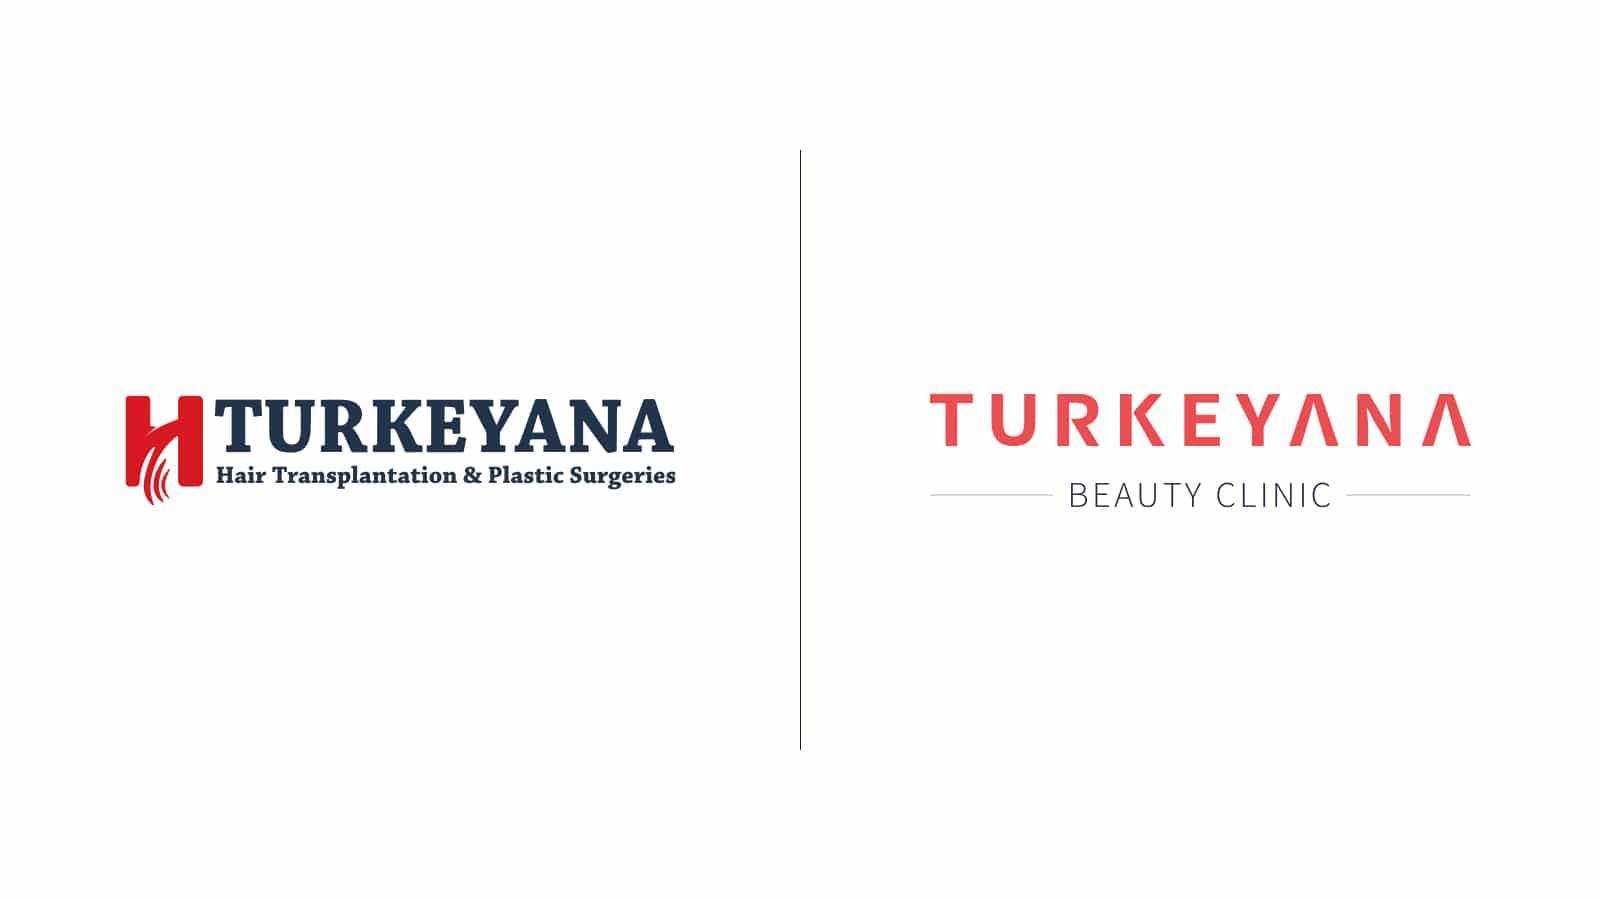 """مايتضمنه شعارنا الجديد لهذا العام """"تركيانا 2020"""""""